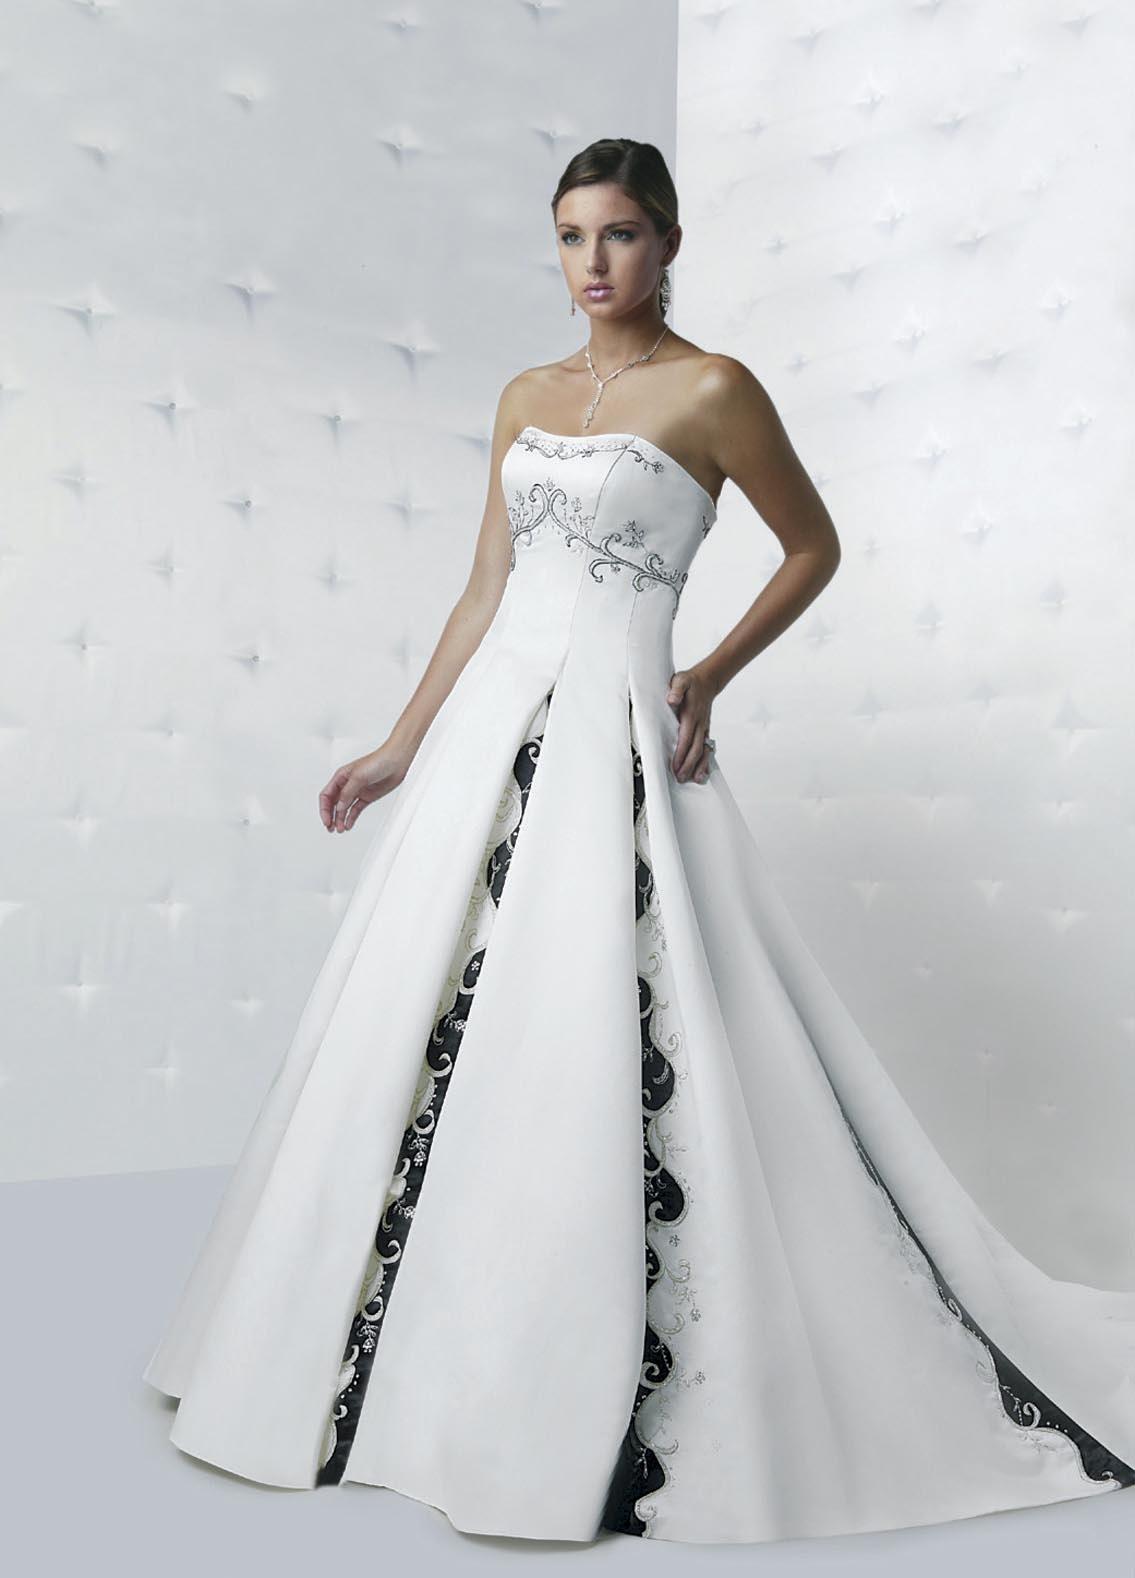 wedding dresses with color trim wedding dress with color Wedding Dresses With Color Trim 86